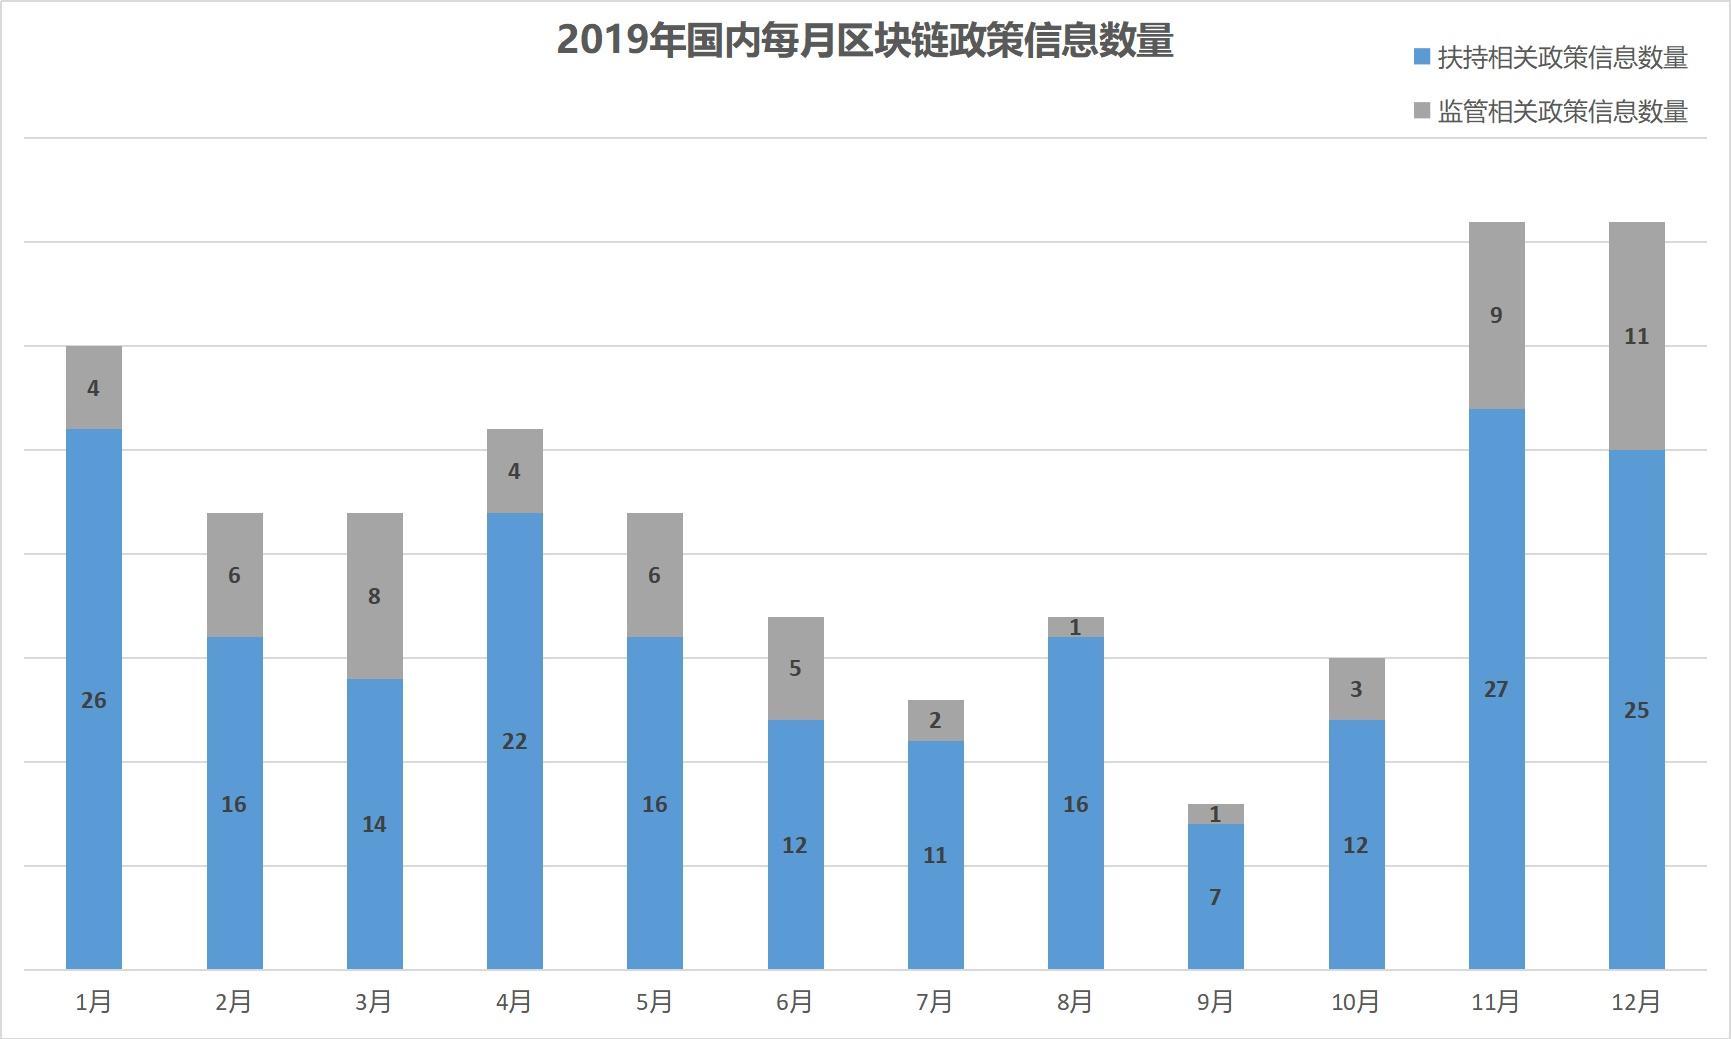 2019年全球区块链政策年报:中国重在扶持 美国多是监管插图10